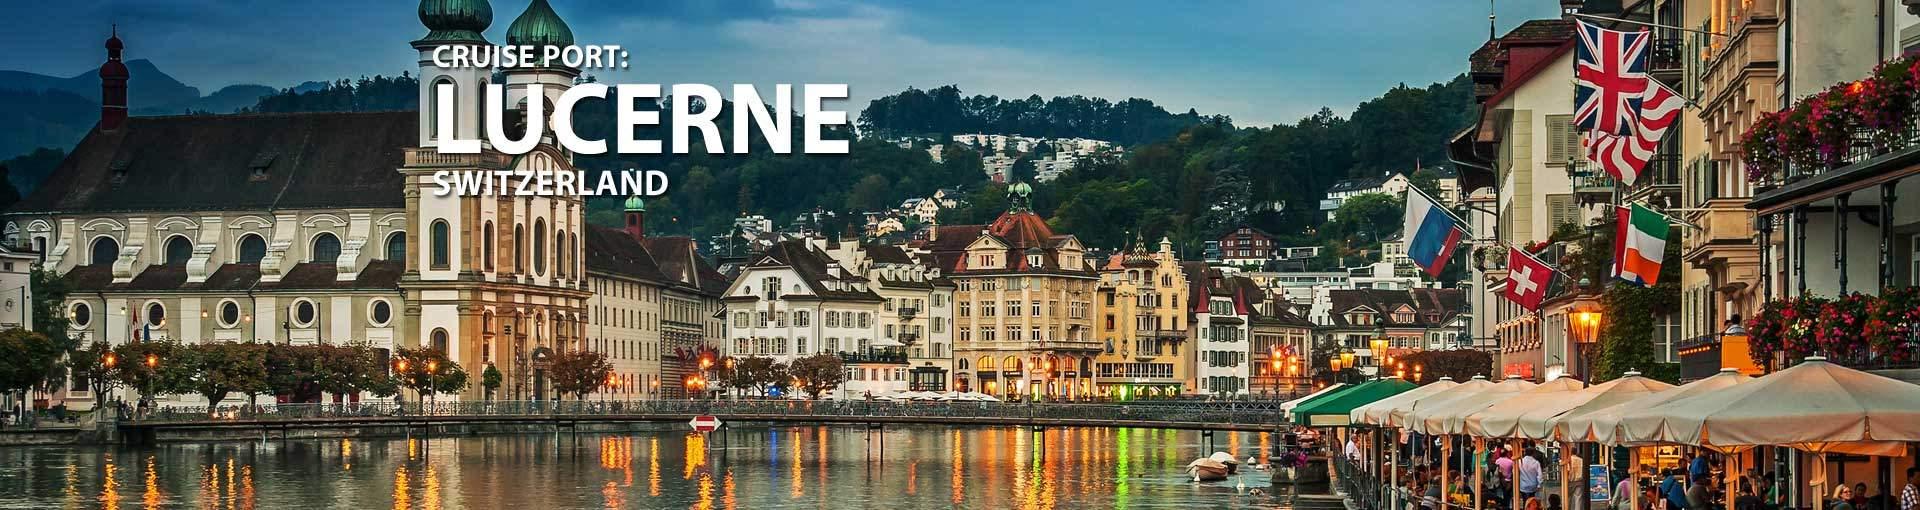 Lucerne, Switzerland Cruise Port